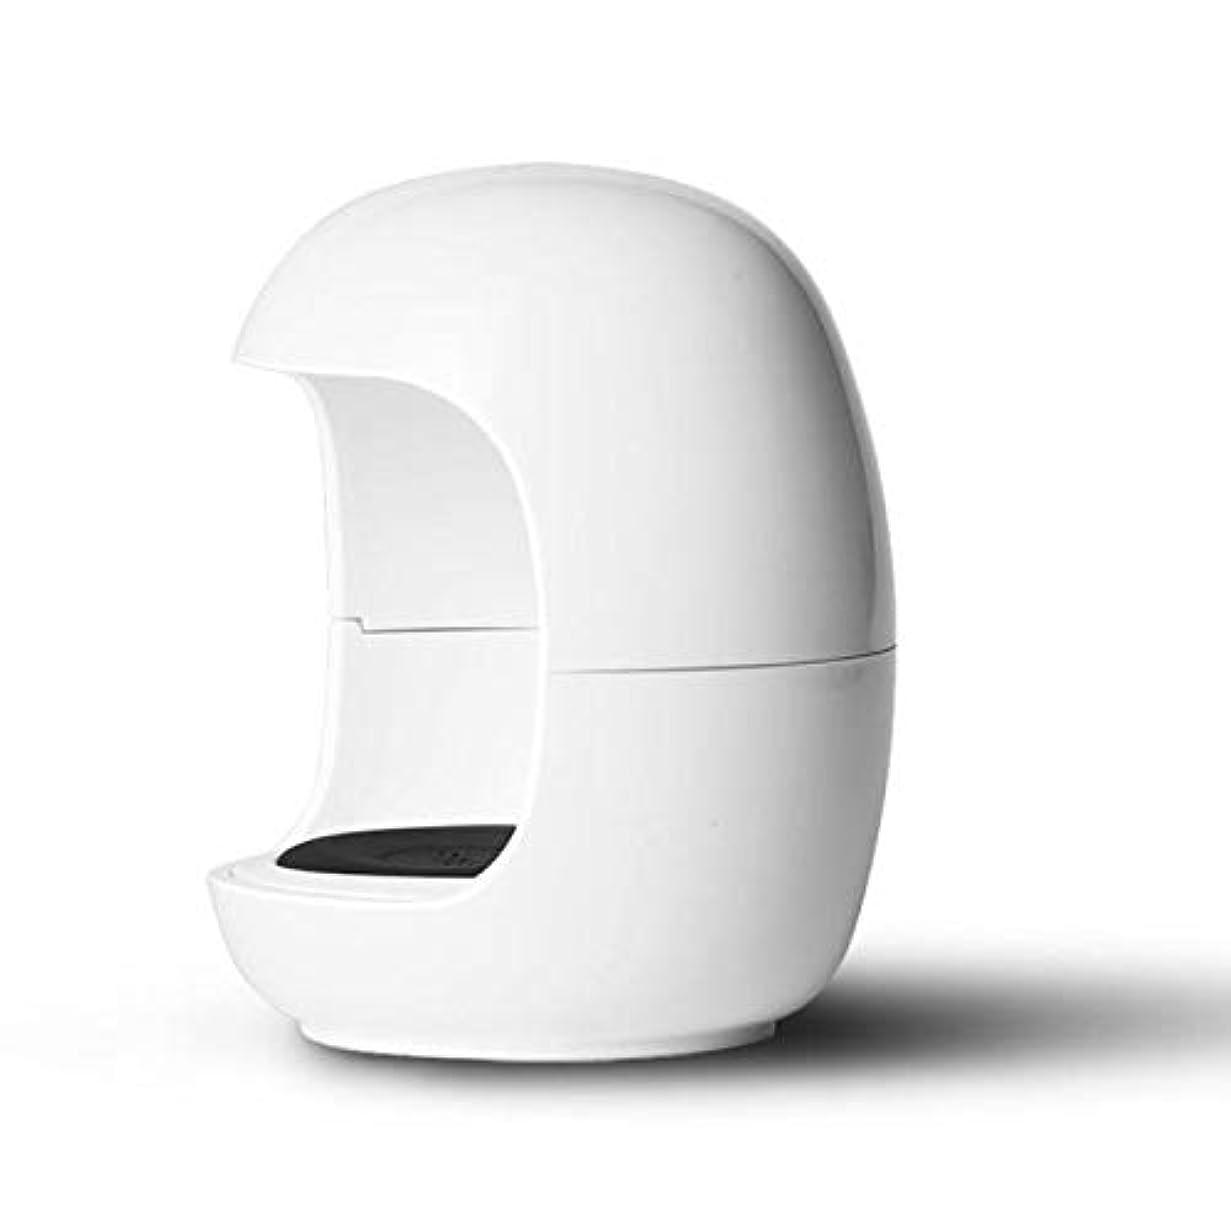 フェンスシャベル求人Cikuso 新しい卵形状 ネイルuvランプ ミニポケットジェルネイルポリッシュドライヤー ポータブル シングルネイルLED uv硬化ライトランプ